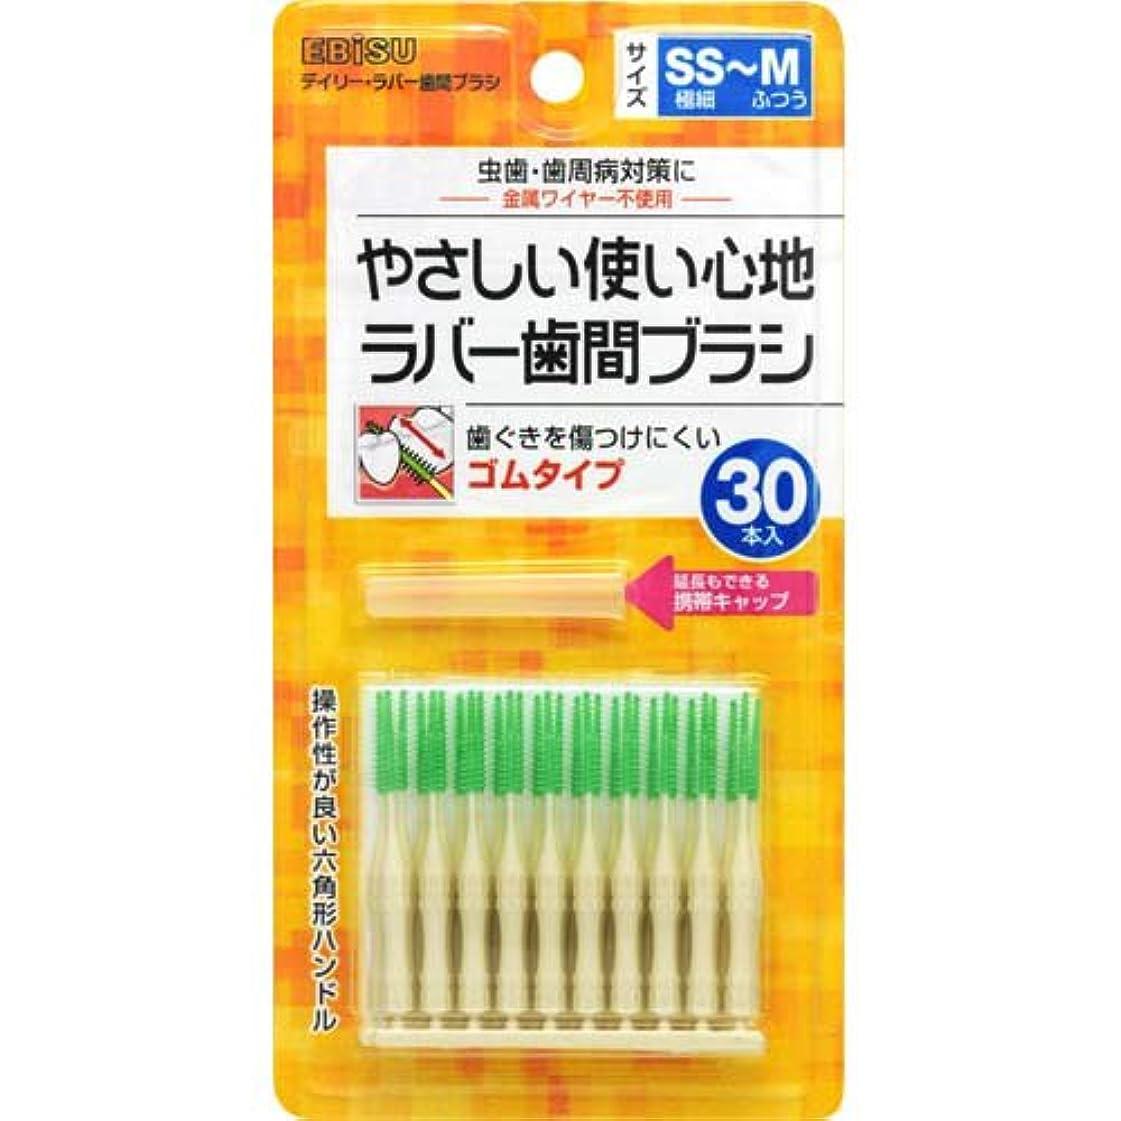 虚弱インスタンス強調するデイリーラバー歯間ブラシ SS-M 30本入